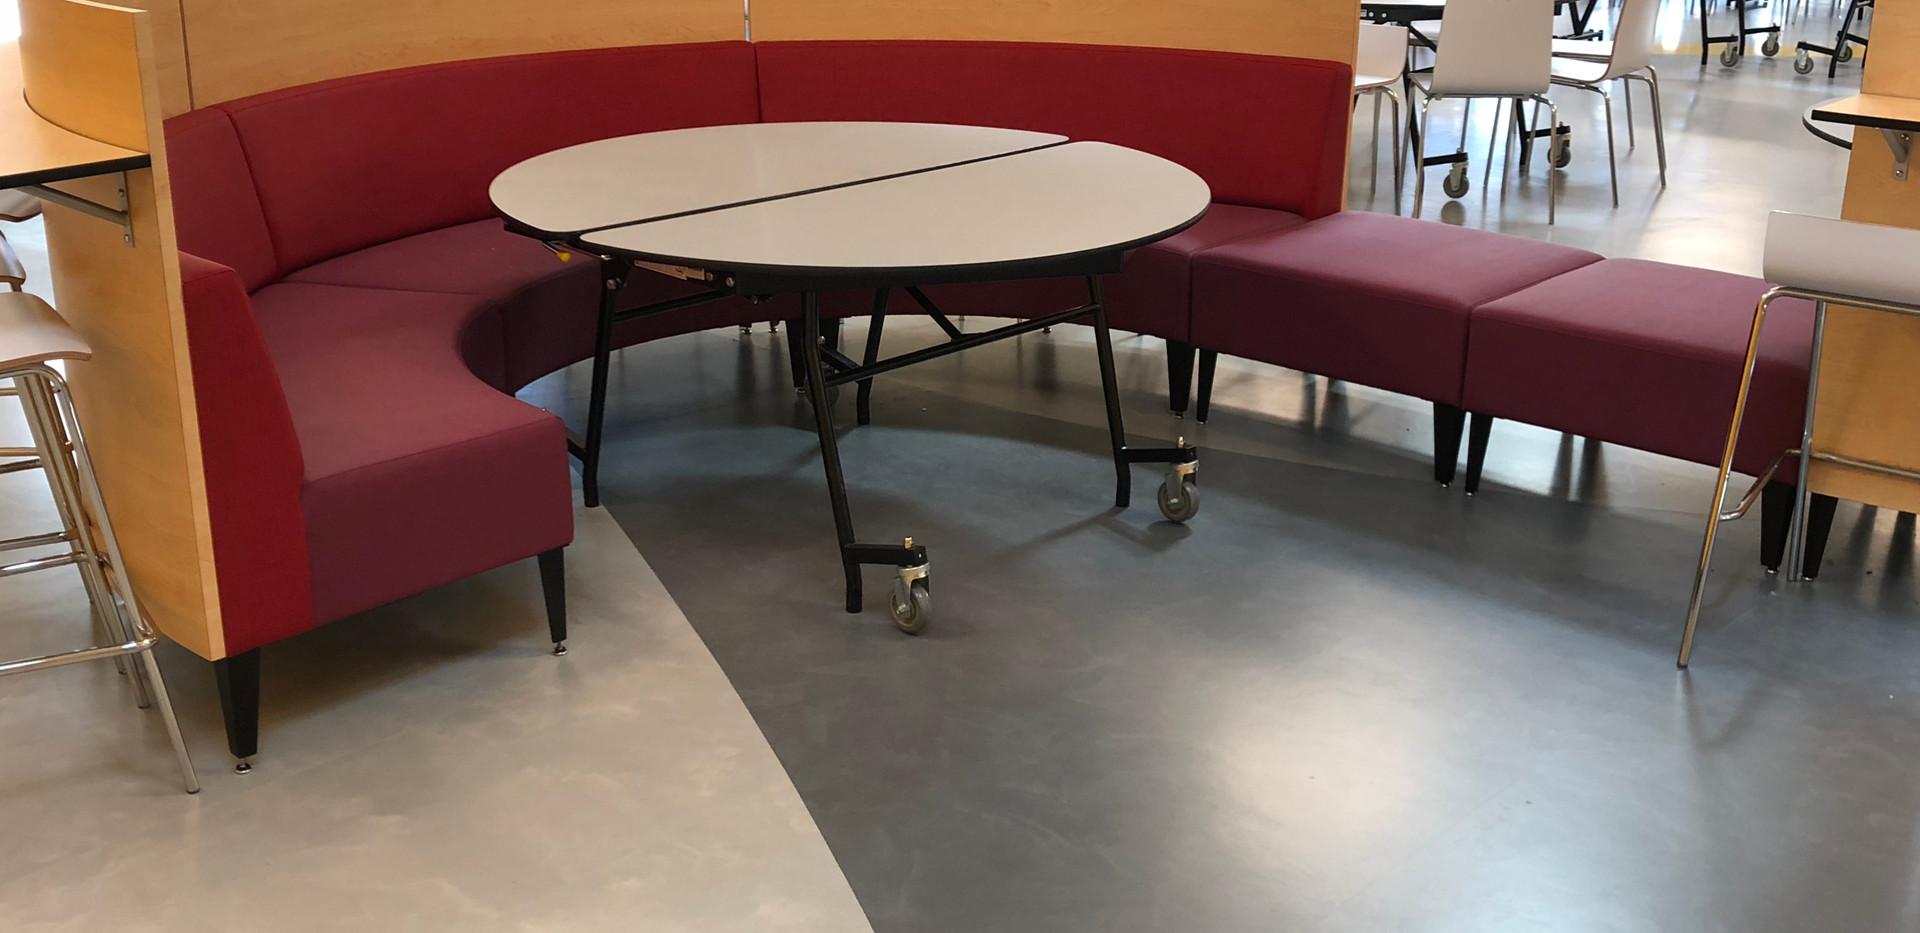 Mondo rubber flooring